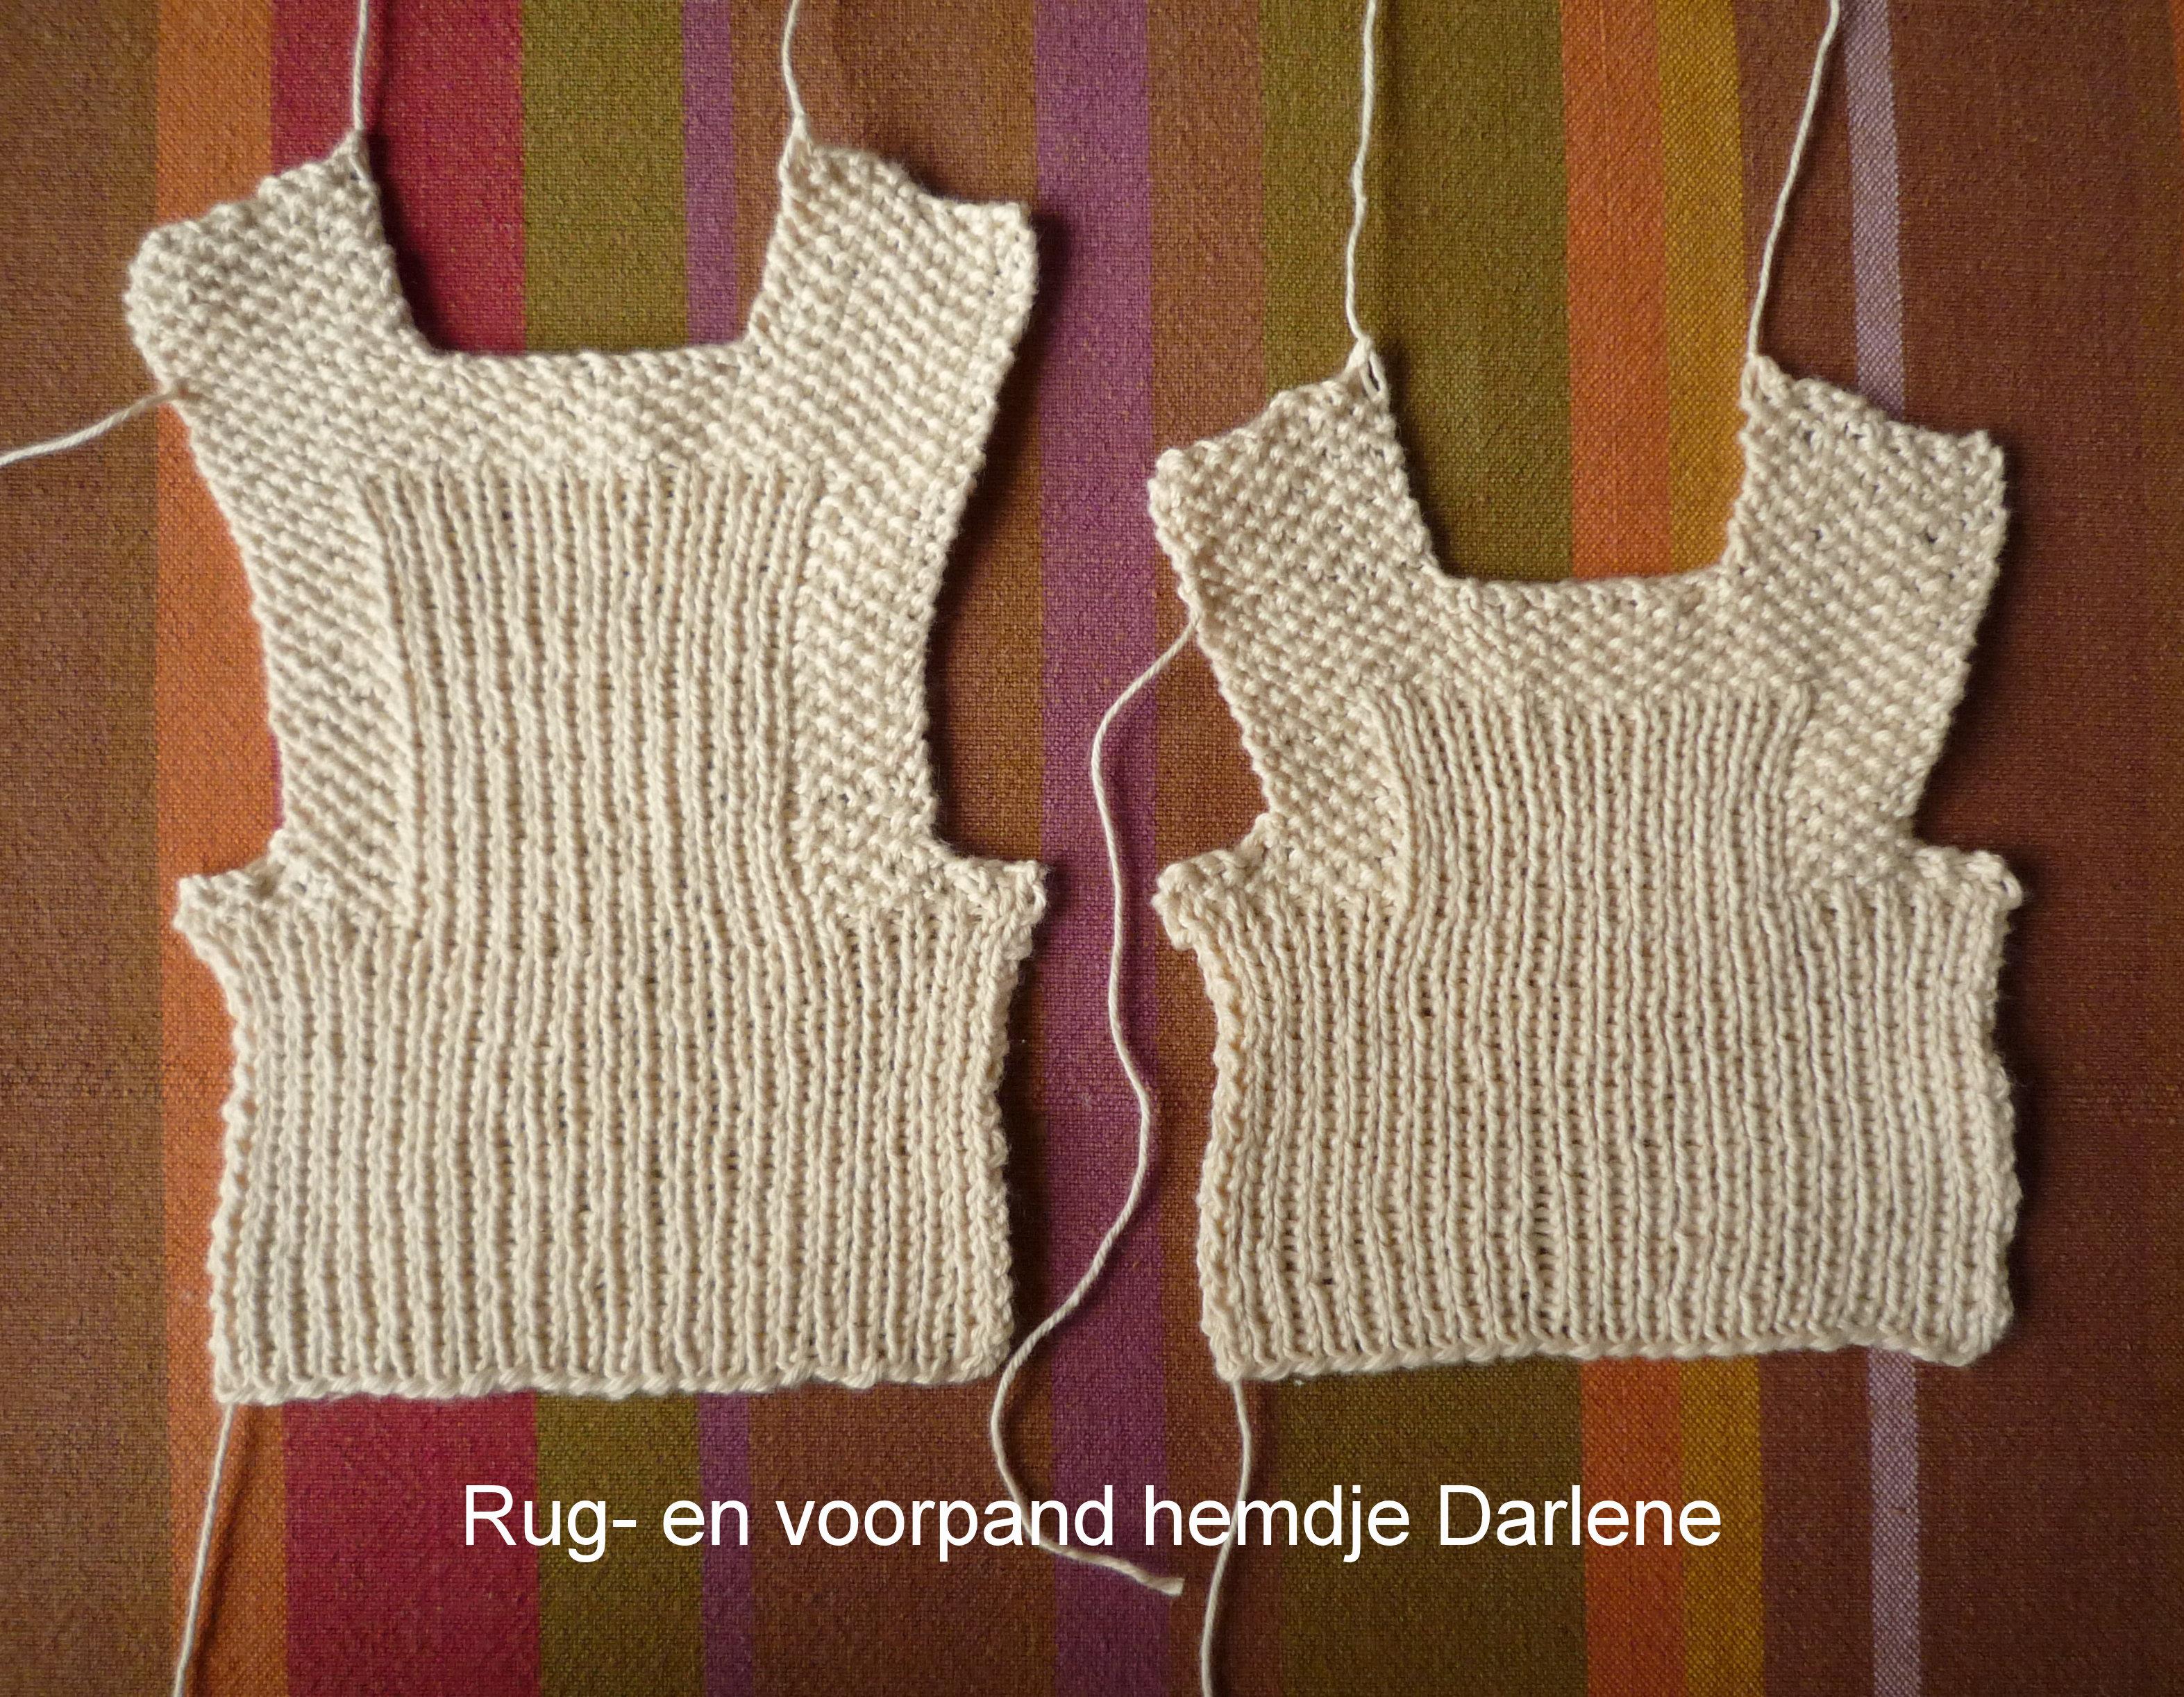 https://welkepopisdat.nl/afbeeldingen-Forum/DurvinaFotos/kleertjes%20Darlene%20en%20Florieke%20(7).JPG